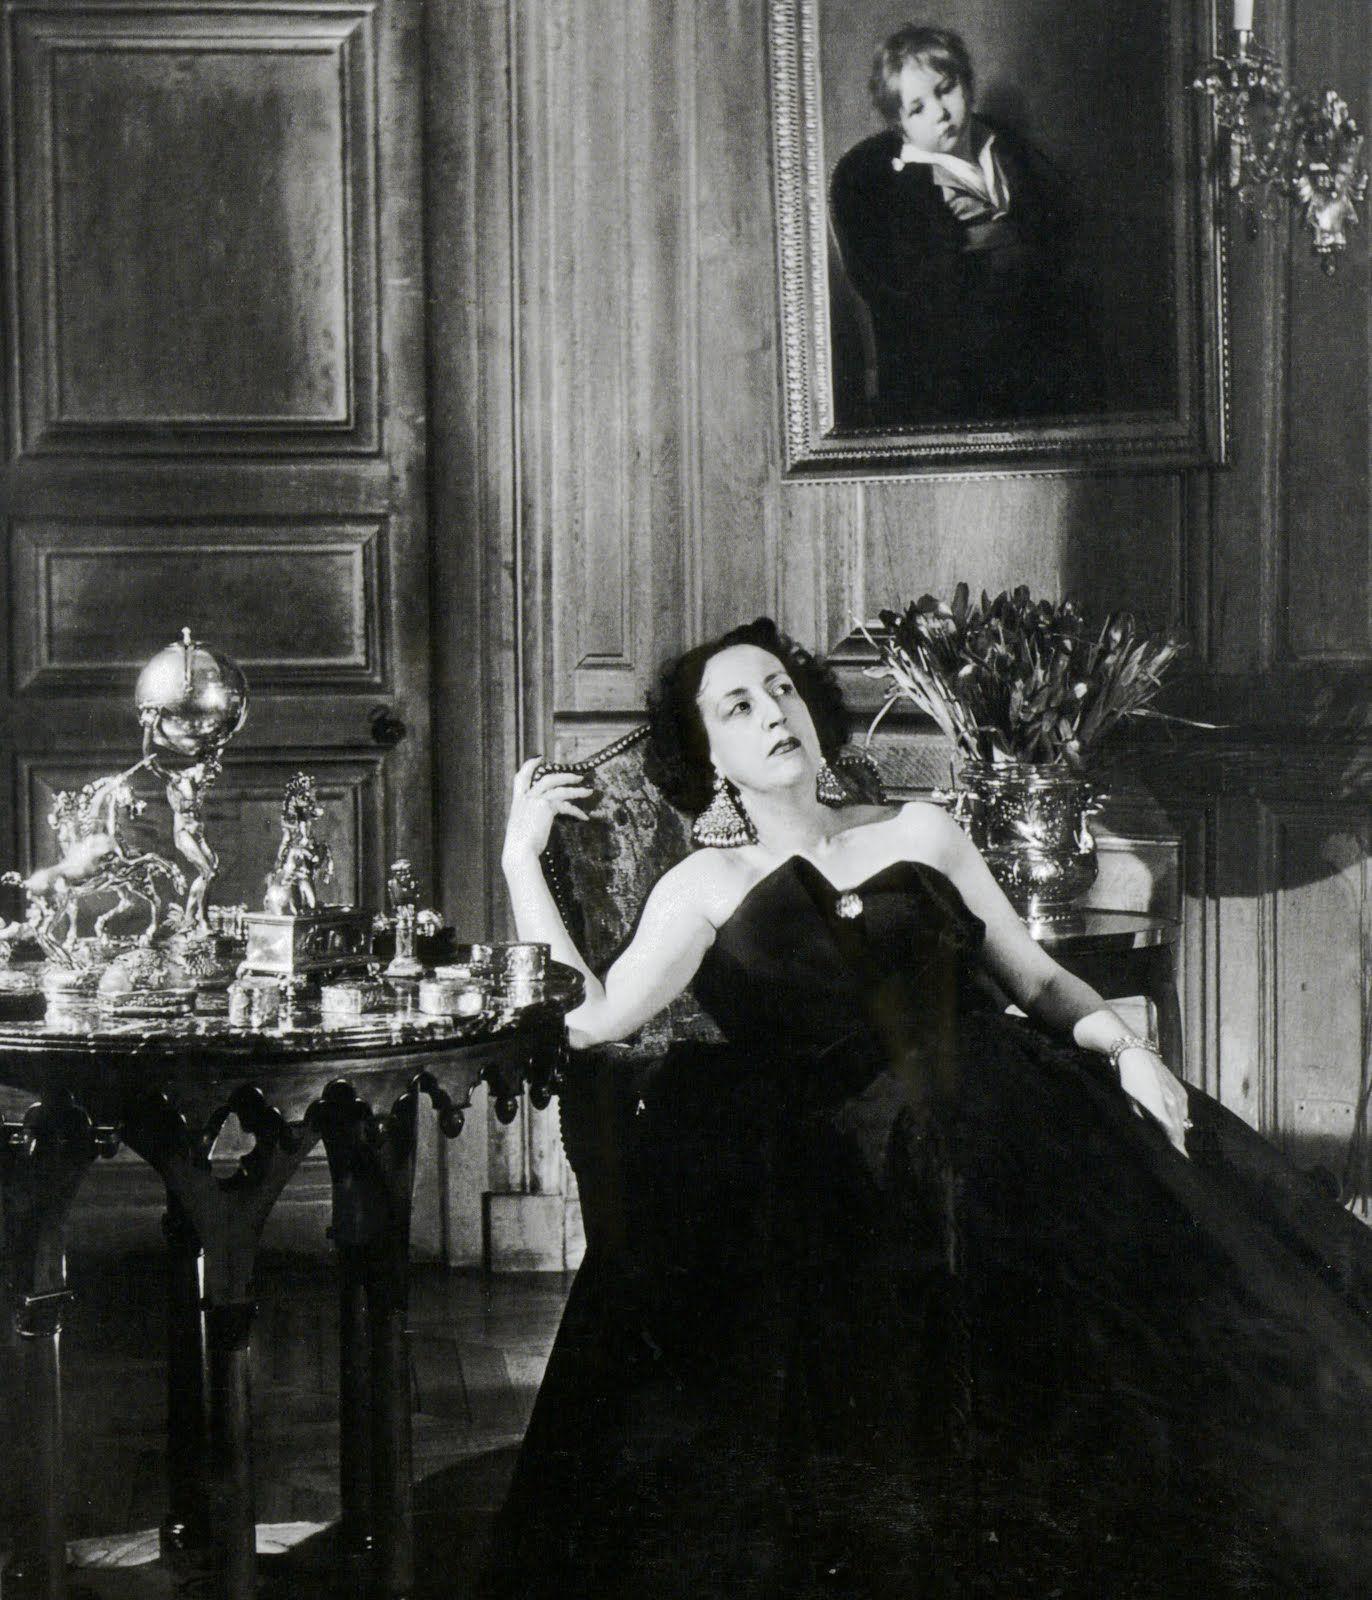 Marie Laure De Noailles Jacques Fath Portrait The Marquis De Sade